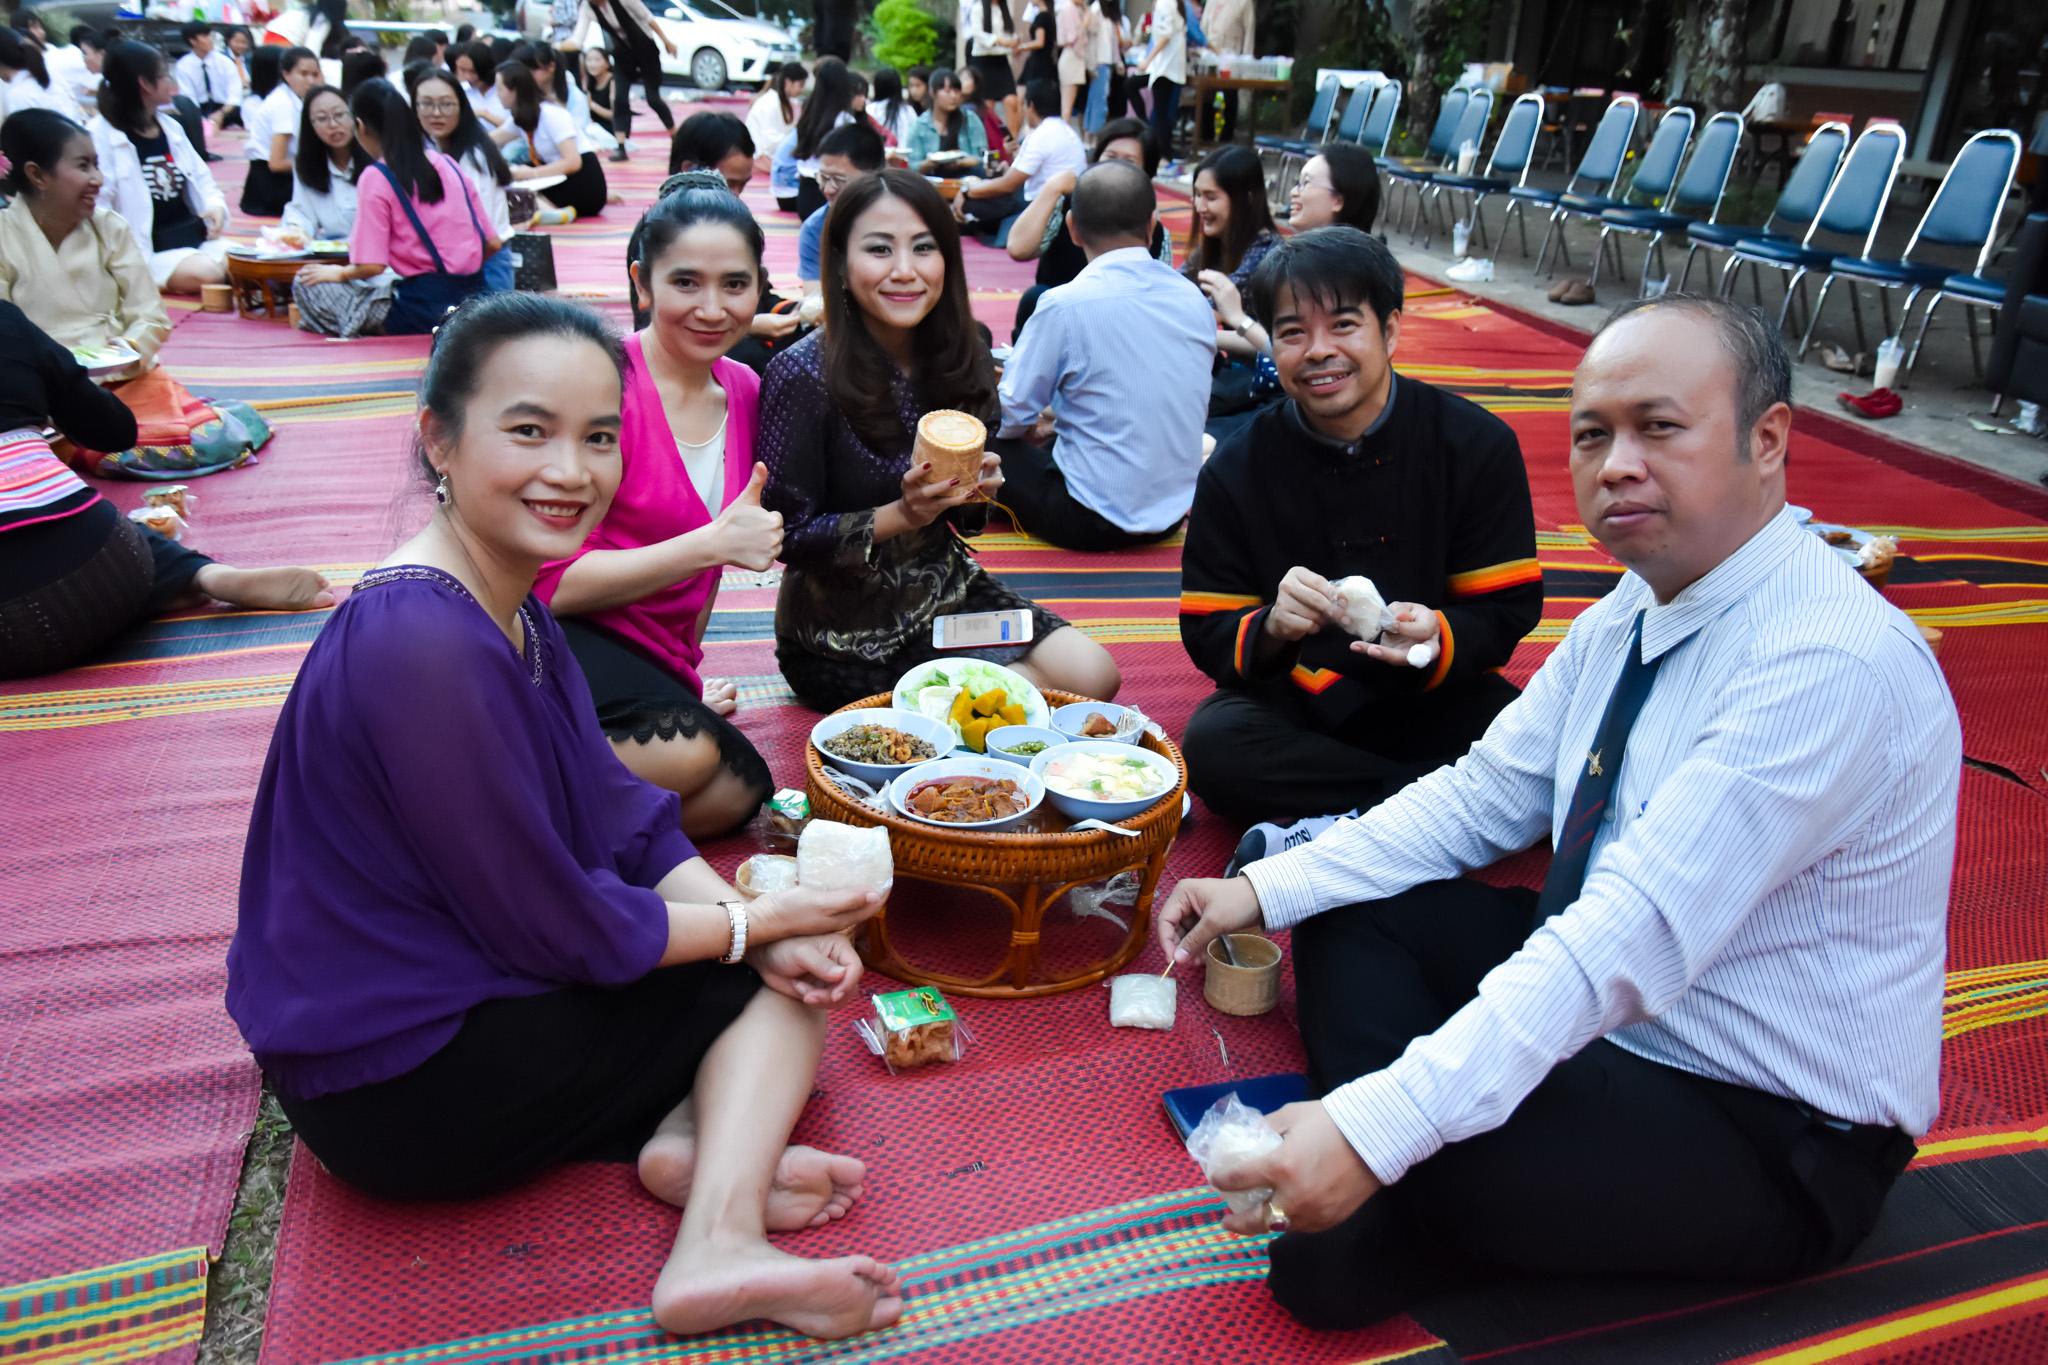 อบรมภาษาอังกฤษเชิงวิชาการและสานสัมพันธ์นักศึกษาไทย-จีน